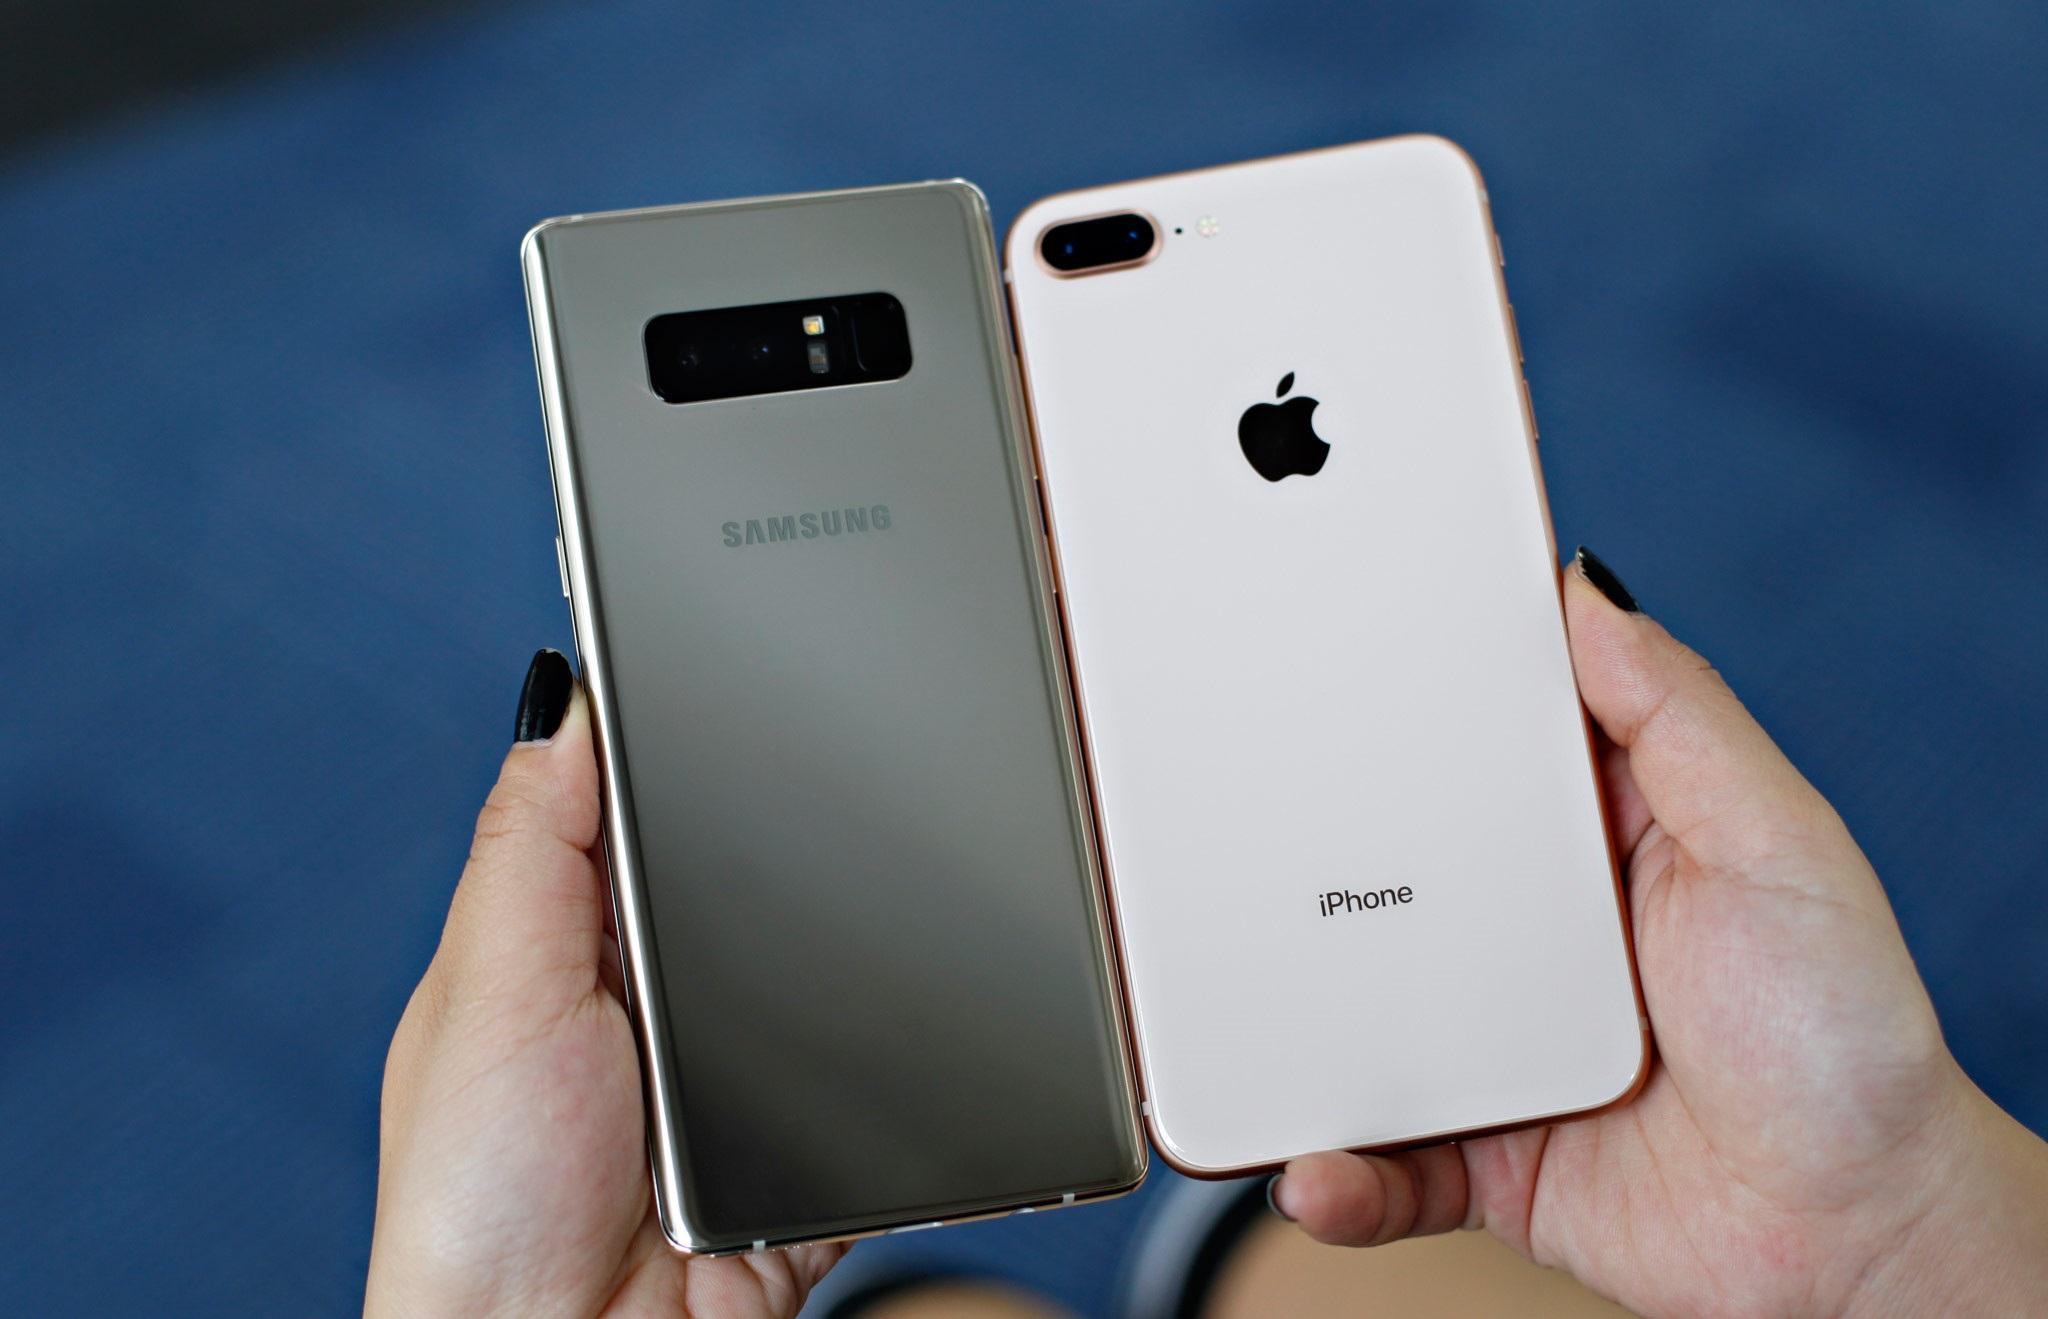 So sánh hiệu năng iPhone 8 Plus và Galaxy Note8: Ai là kẻ chiến thắng? hình 5